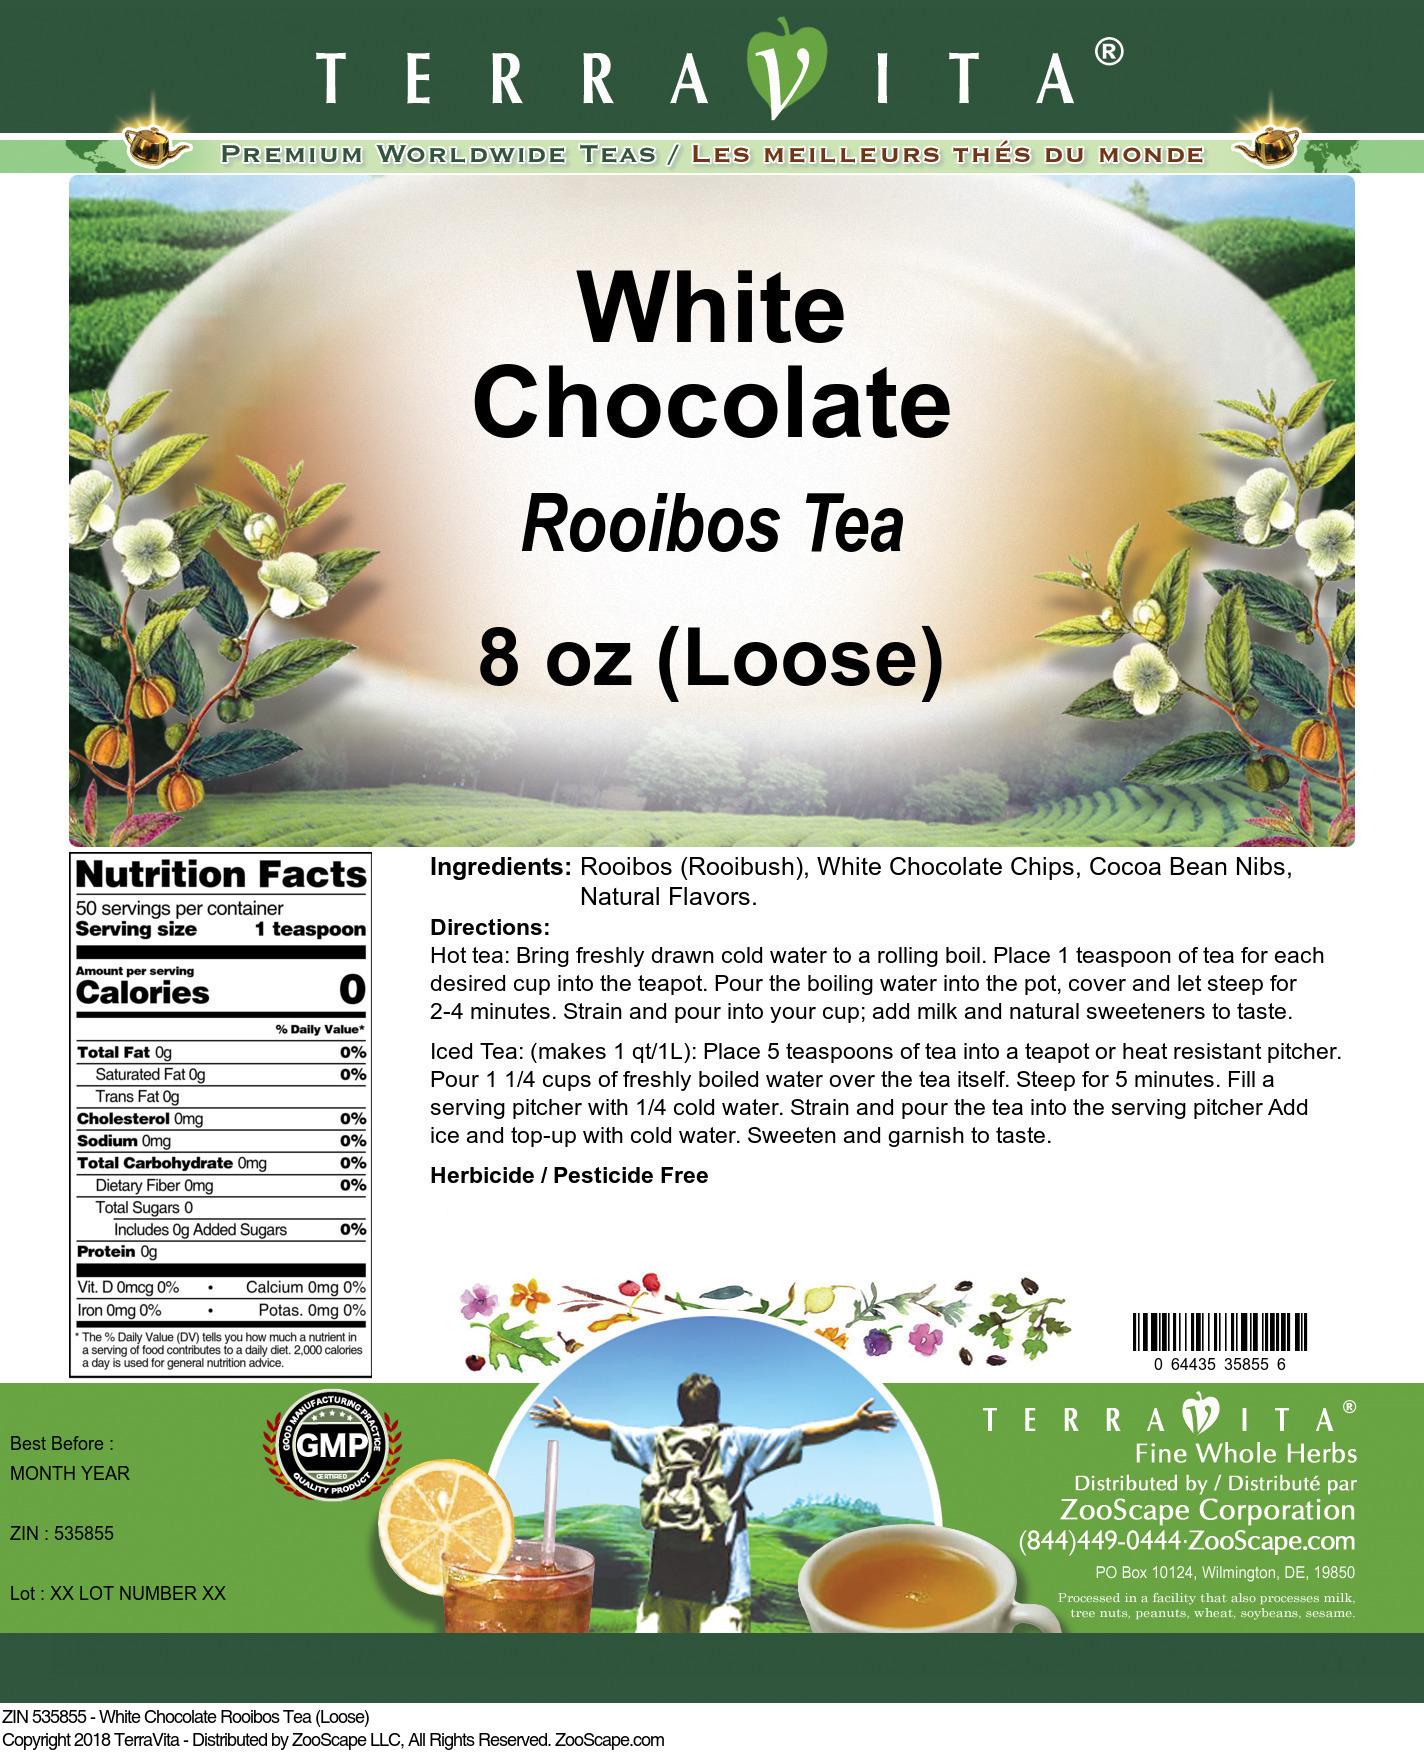 White Chocolate Rooibos Tea